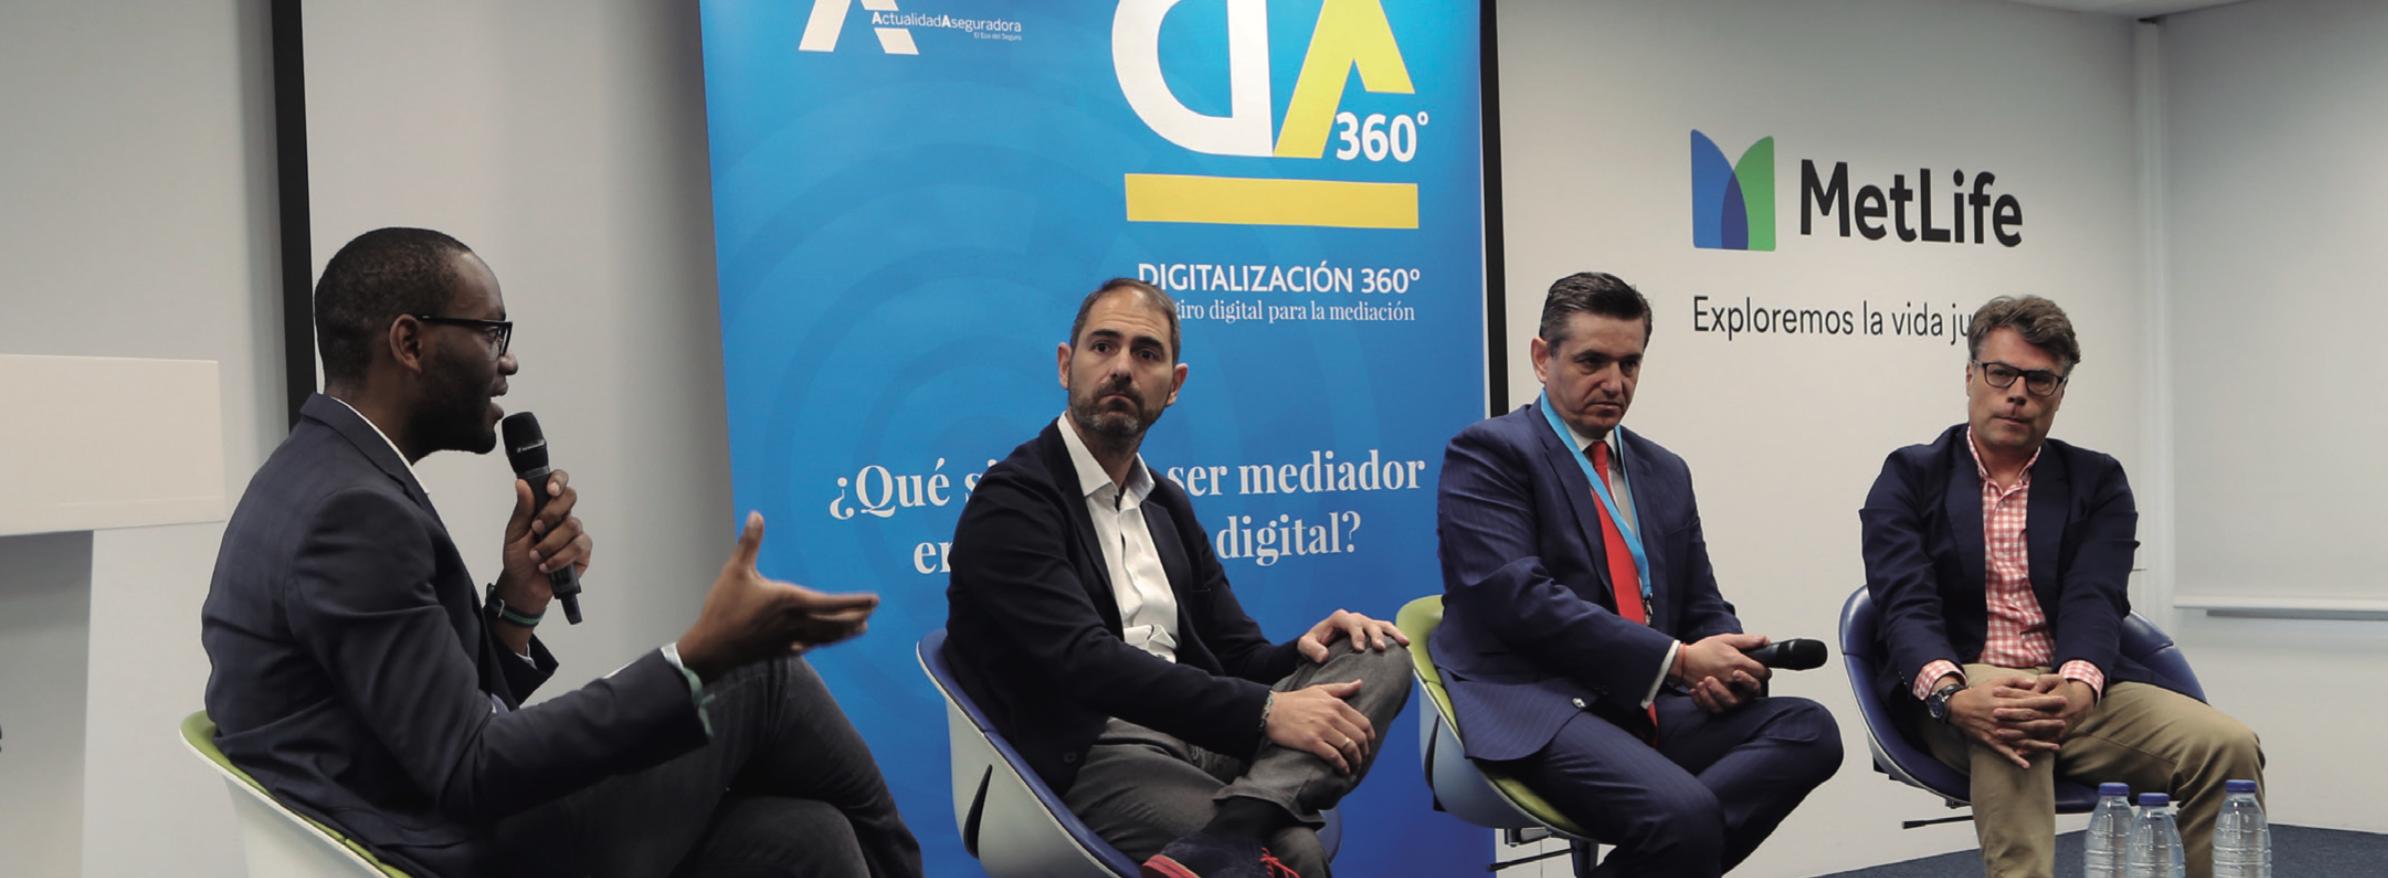 Ponce y Mugar, correduría seguros Madrid, participa en las jornadas de INESE: Digitalización 360º.